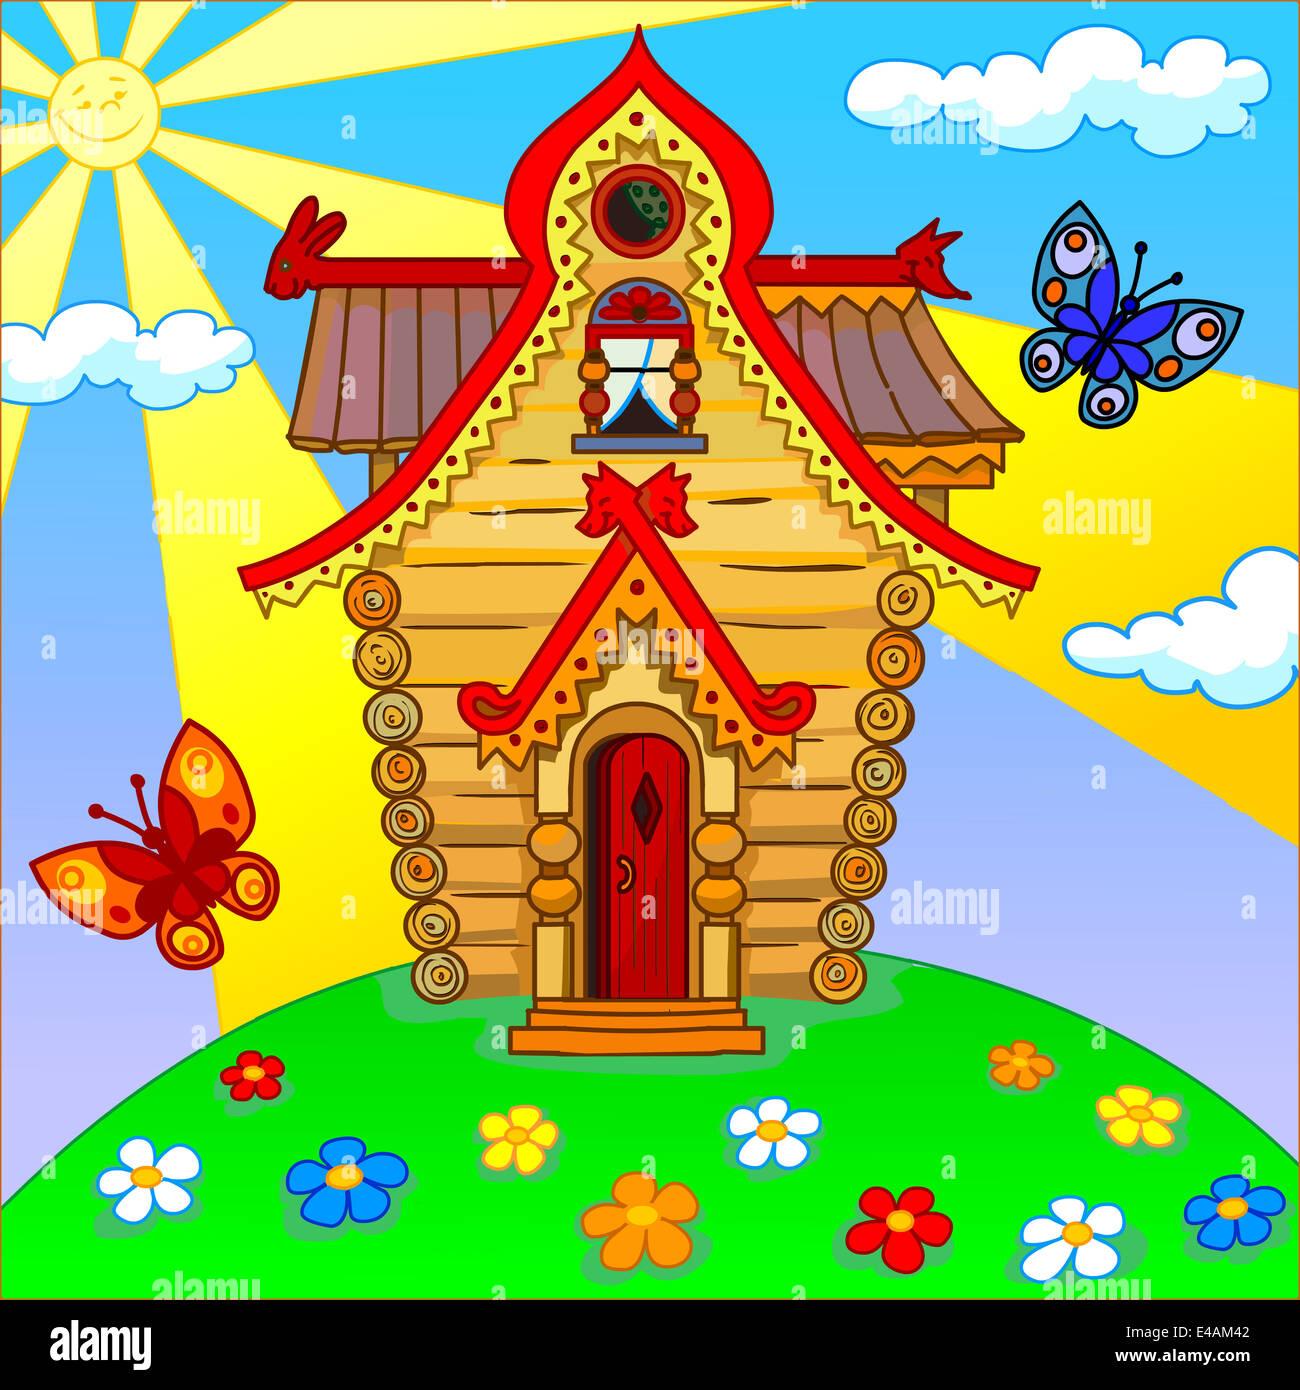 Cartoon Lawn Stock Photos & Cartoon Lawn Stock Images - Alamy